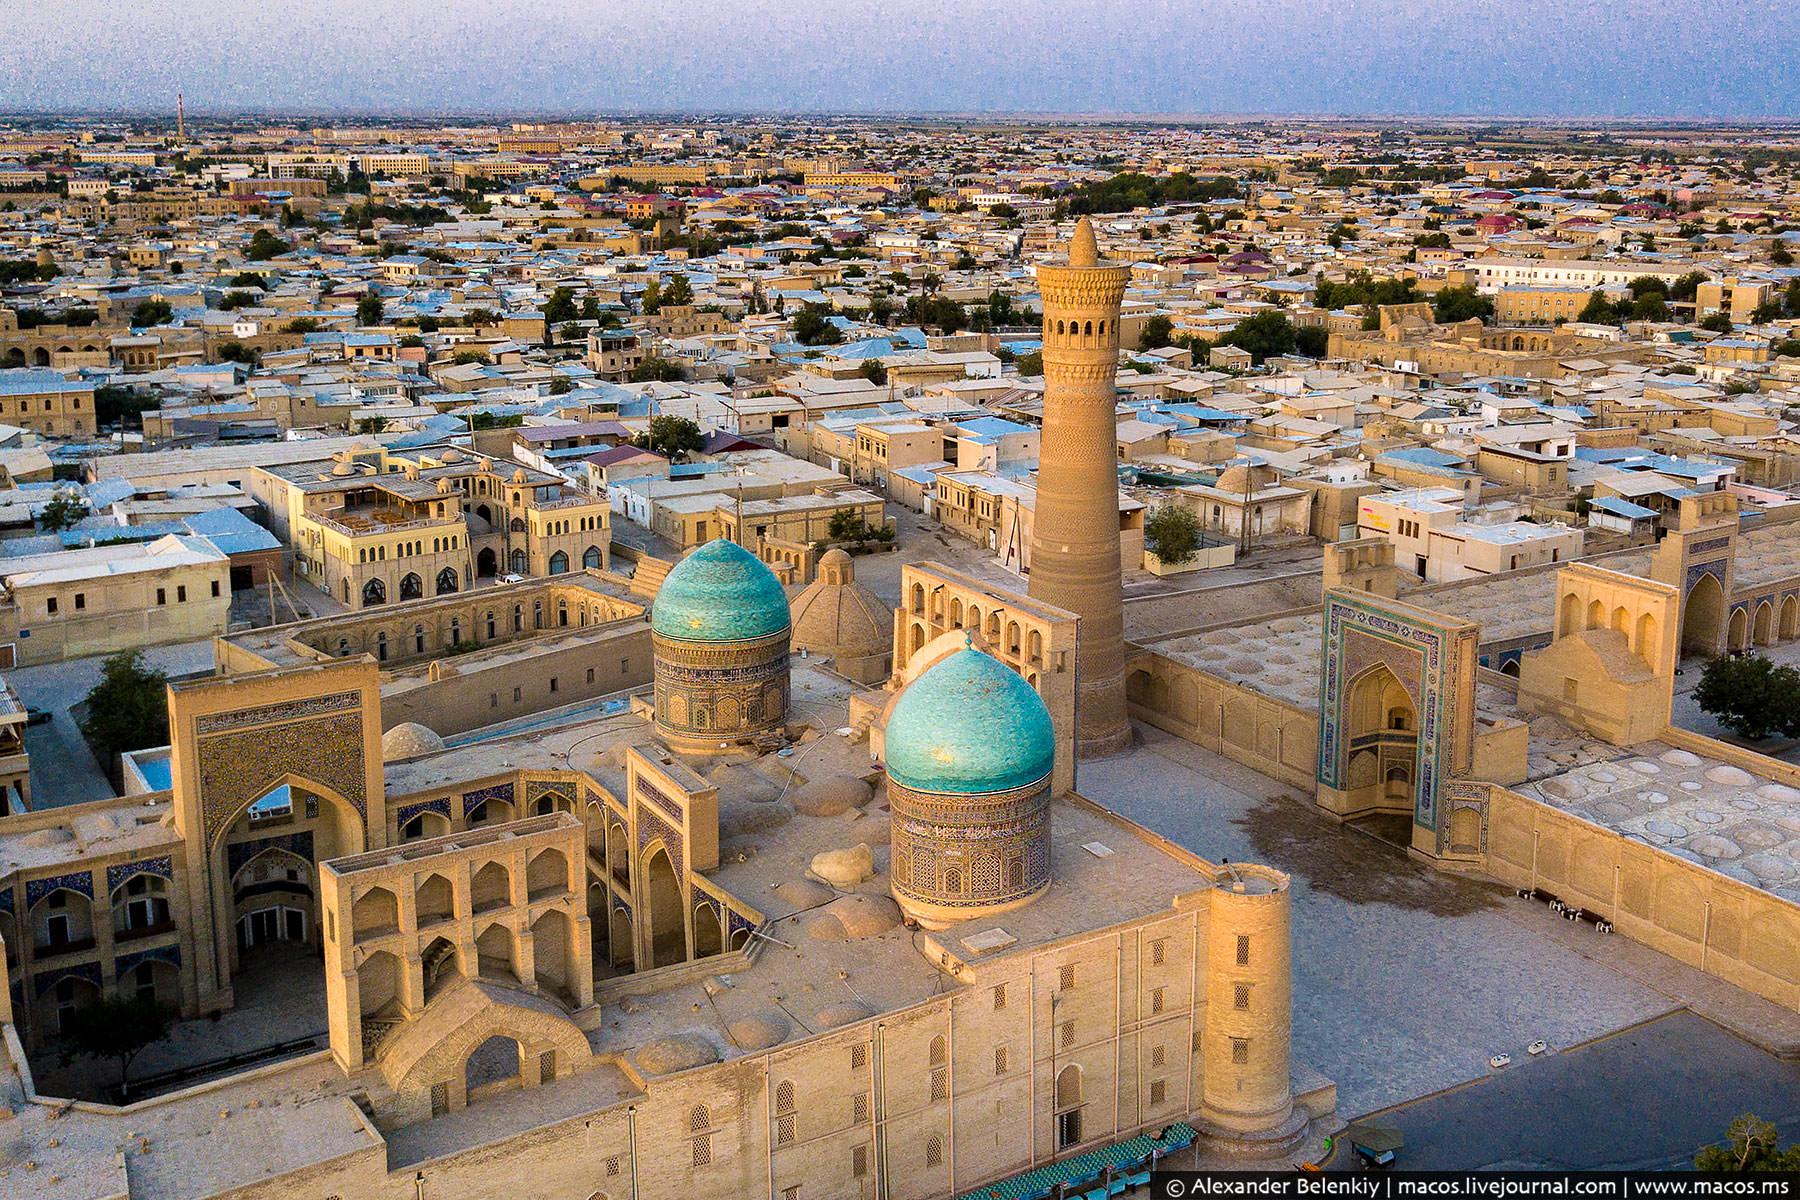 Ужесточили наказание за призывы к массовым беспорядкам в Узбекистане